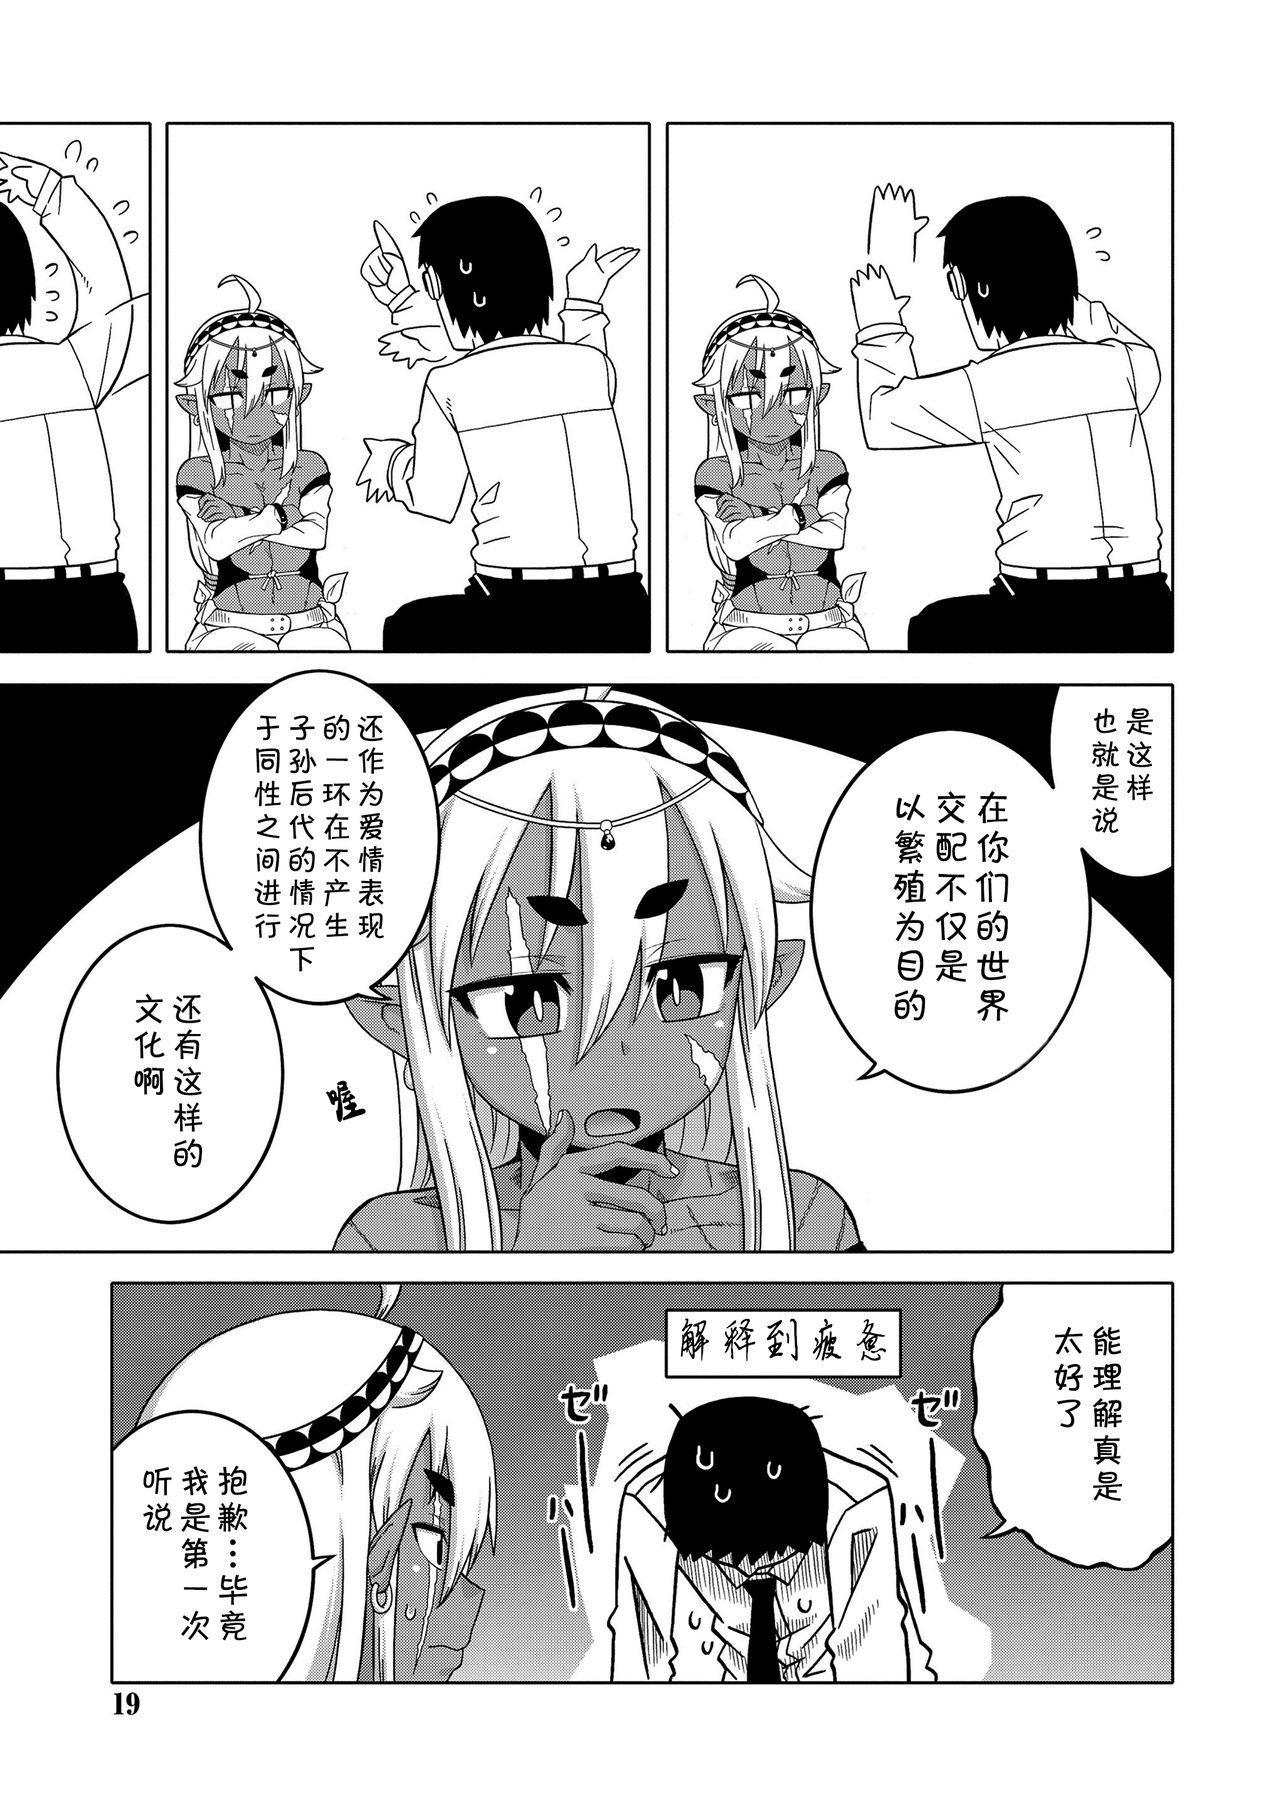 [Takatsu] Isekai de Elf no Yuusha(♂) ga Yome ni Natte Kureru You desu !? Ch.1-2 [Chinese] [theoldestcat汉化] [Digital] 8